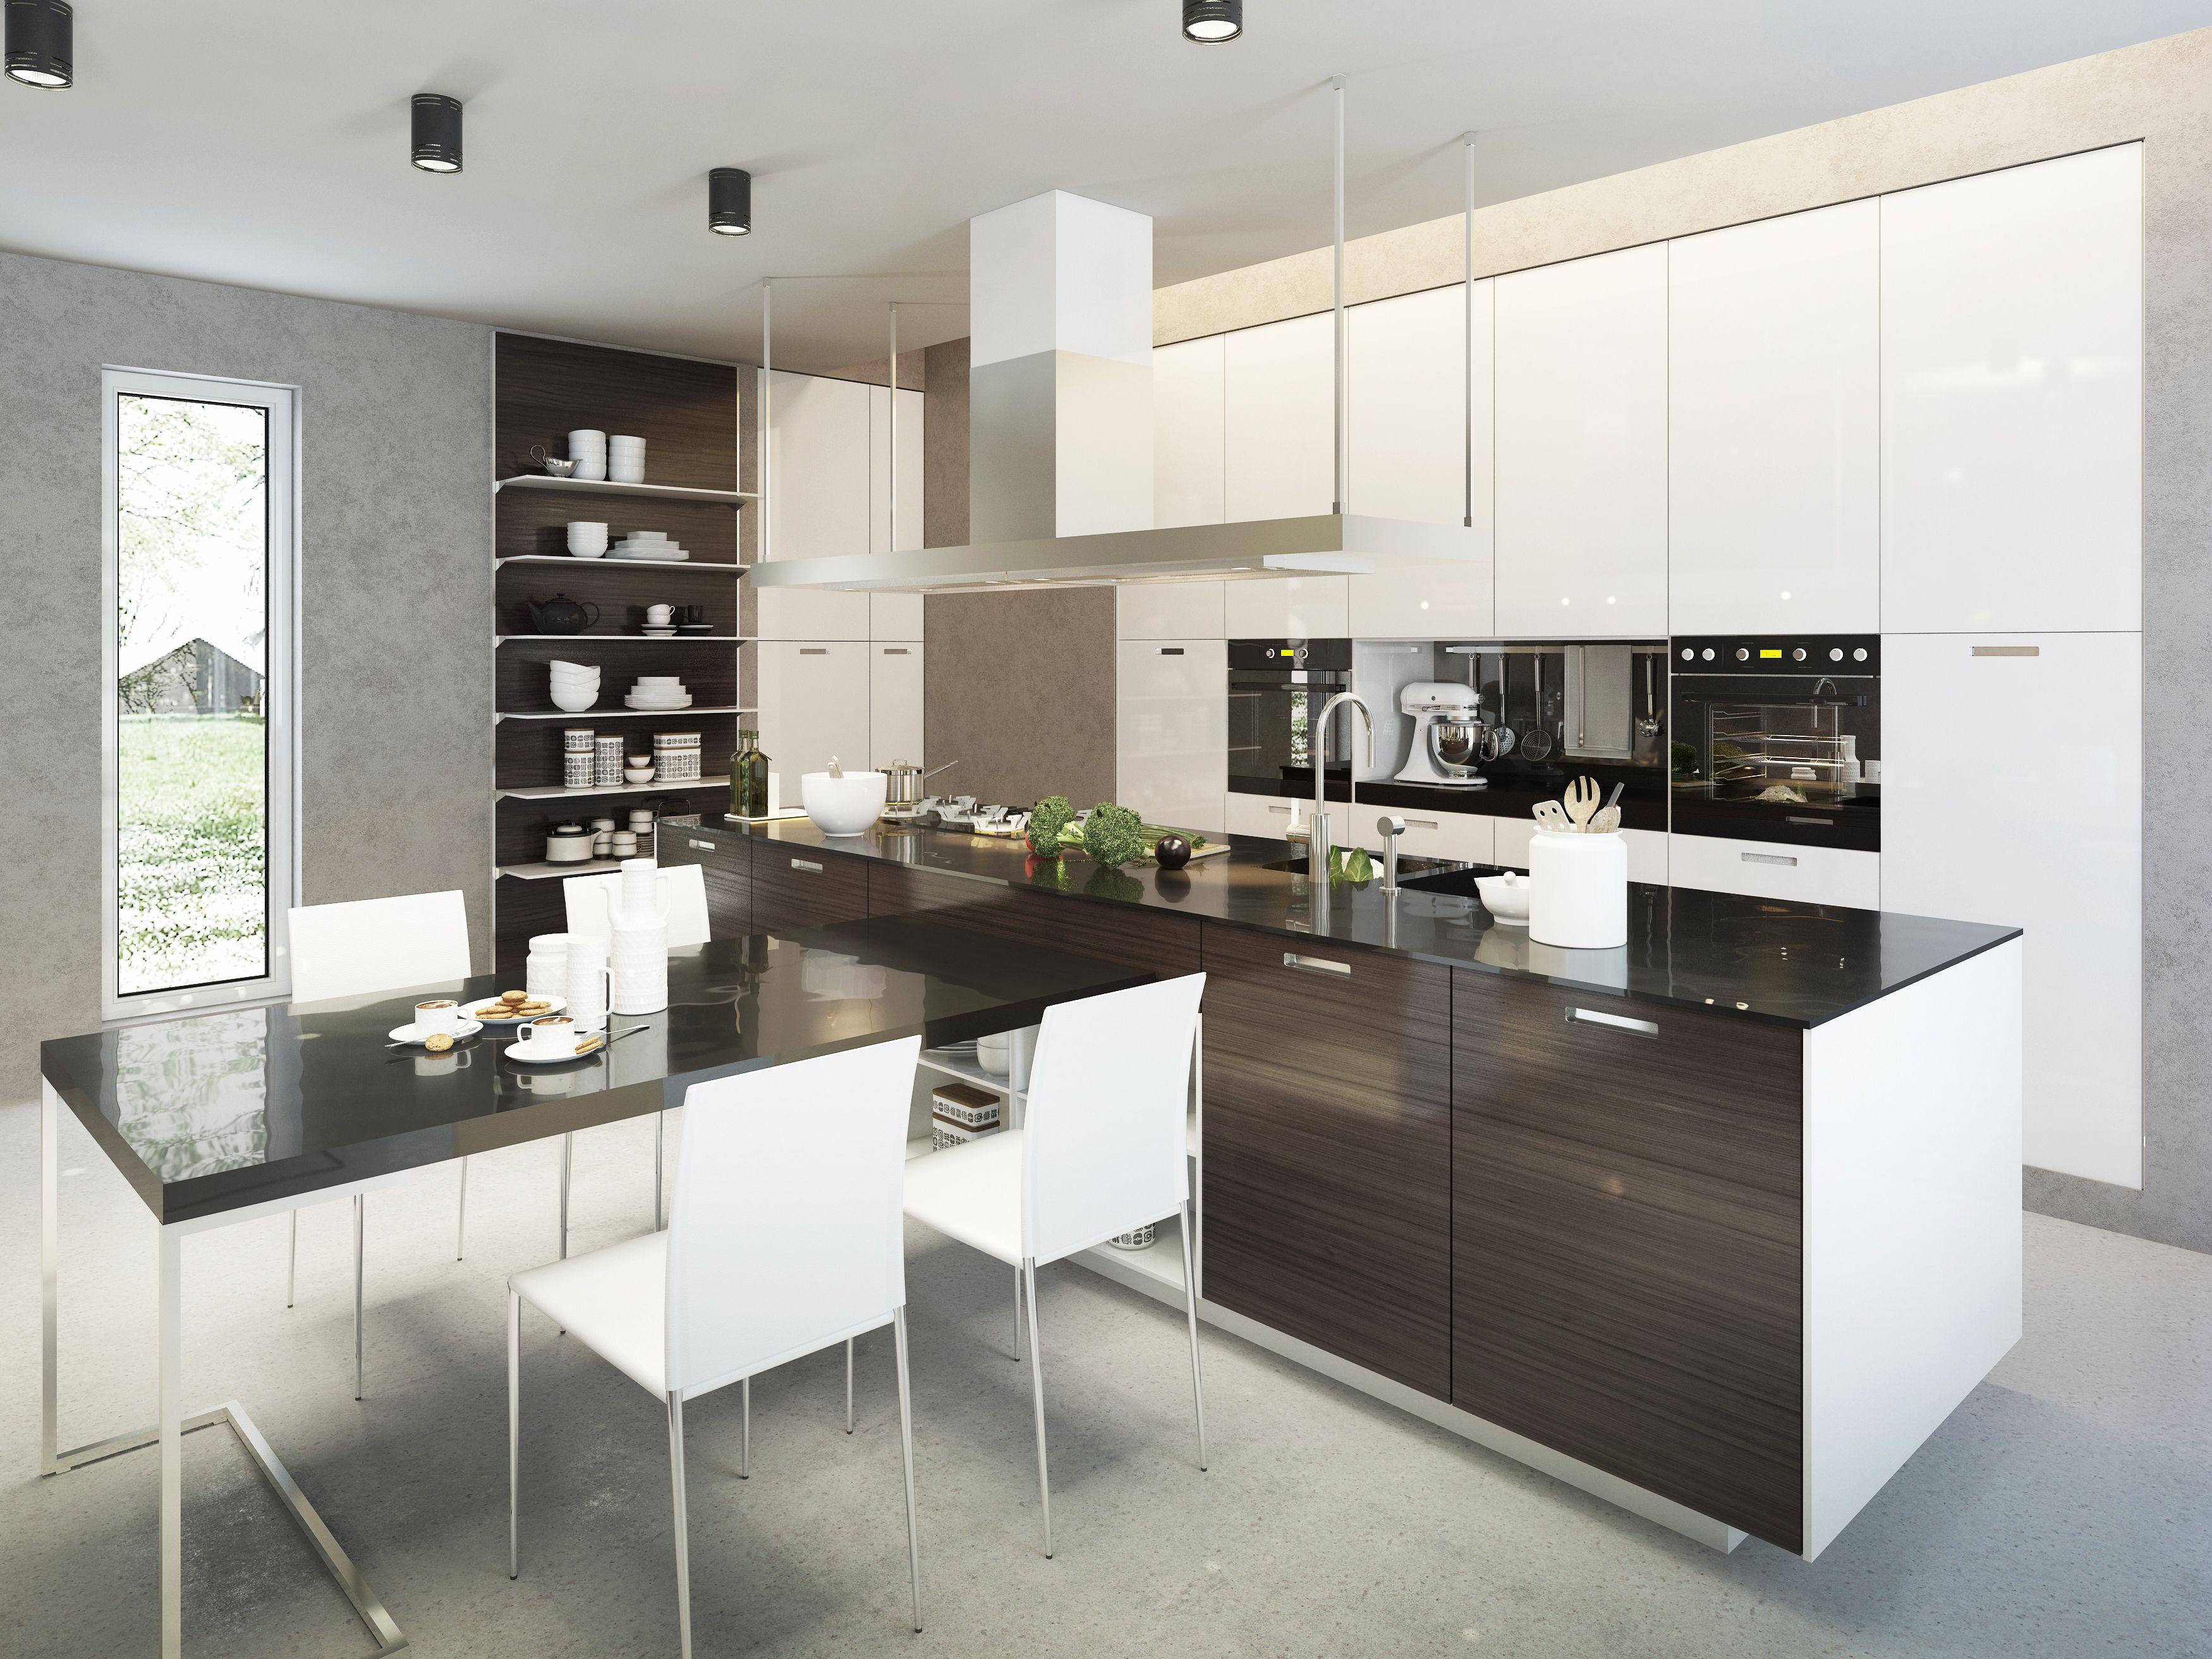 Nowoczesna Minimalistyczna Aranzacja Drewnianej Bialo Brazowej Kuchni Z Czarnymi Blatami Nad Wys Kitchen Cabinet Remodel Kitchen Design Contemporary Kitchen